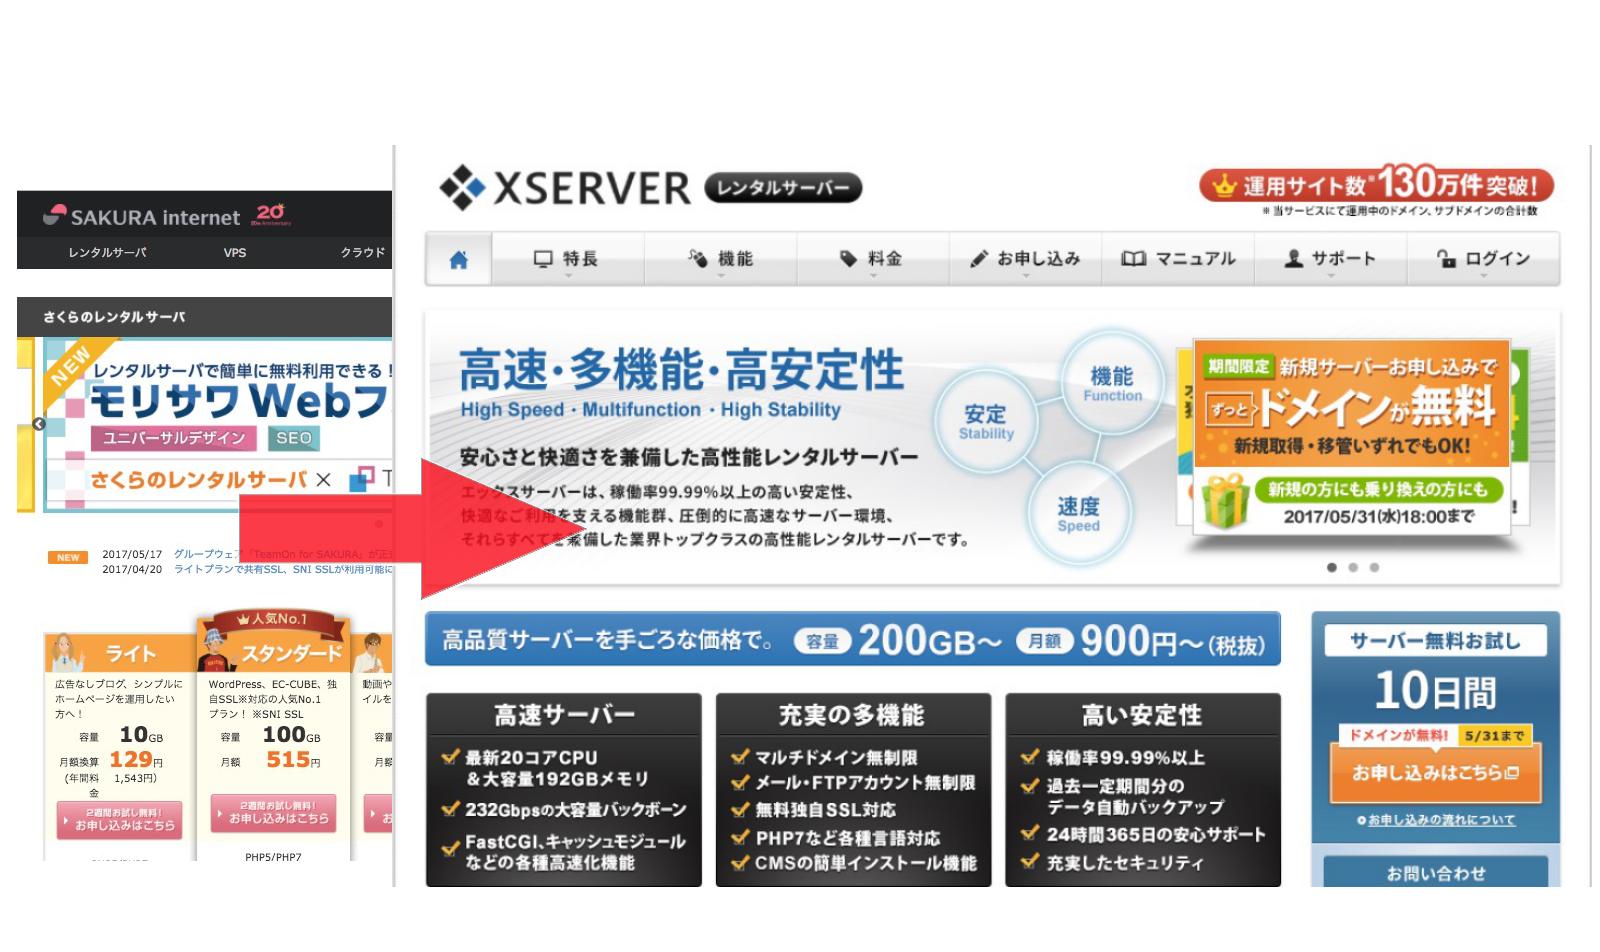 ブログをさくらサーバーからエックスサーバーに移転!やり方と反省点